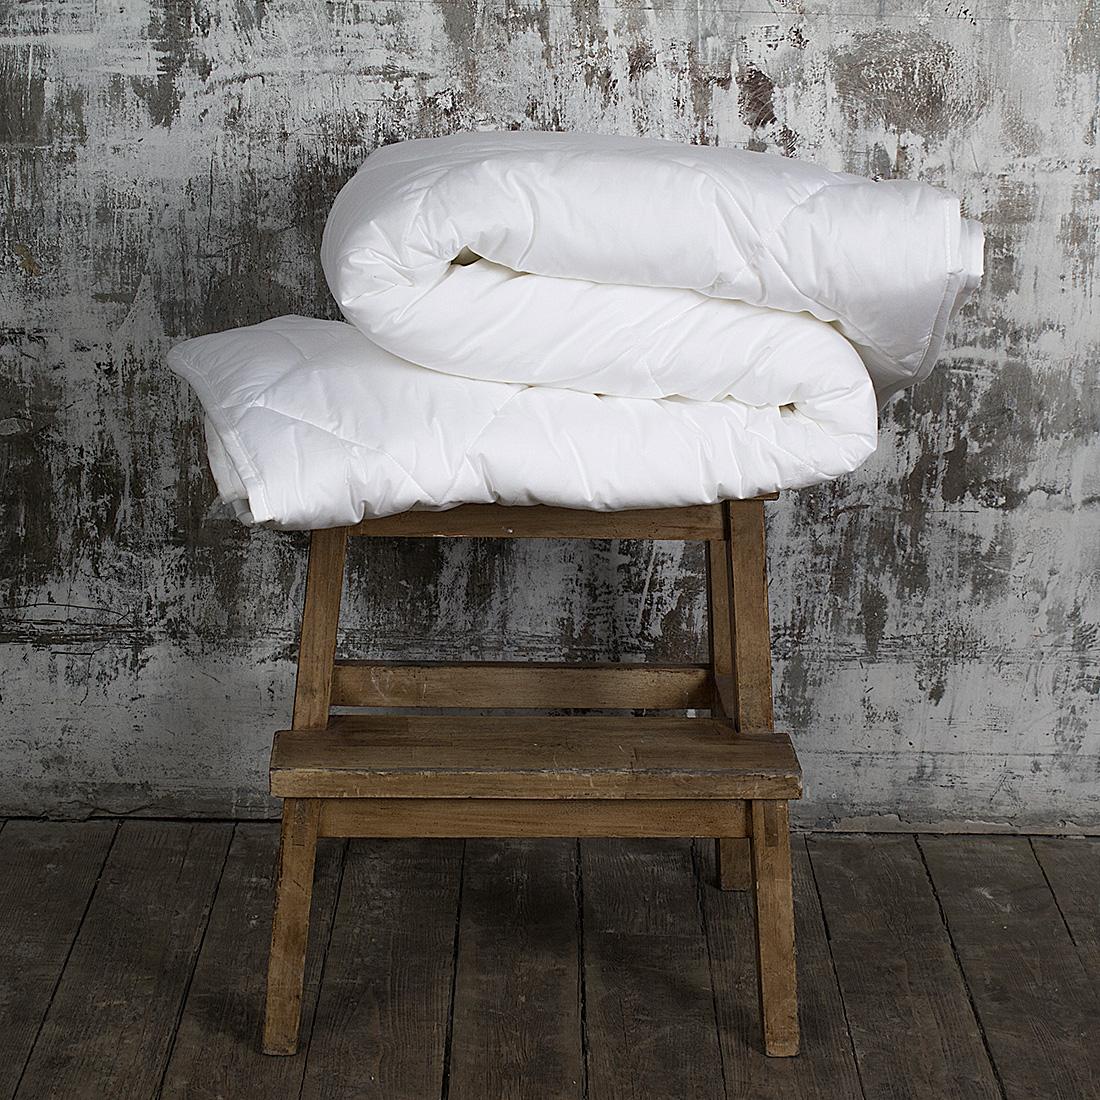 Одеяло всесезонное William Roberts Essential Bamboo, наполнитель: бамбуковое волокно, 155 х 200 смwlr233239Всесезонное одеяло William Roberts Essential Bamboo с наполнителем из бамбукового волокна подарит вам спокойный и здоровый сон. Волокно бамбука - это натуральный материал, добываемый изстеблей растения. Он обладает способностьюбыстро впитывать и испарять влагу, а такжеантибактериальными свойствами, что препятствуетпоявлениюпылевых клещей и болезнетворных бактерий.Изделия с наполнителем из бамбука легко пропускаютвоздух. Они отличаются превосходнымидезодорирующими свойствами, мягкие, легкие, простые вуходе, гипоаллергенные и подходят абсолютно всем.Чехол одеяла выполнен из хлопкового сатина. Одеяло простеганои окантовано. Стежка надежно удерживает наполнительвнутри и не позволяет ему скатываться. Плотность наполнителя: 300 г/м2. Размер: 155 х 200 см.